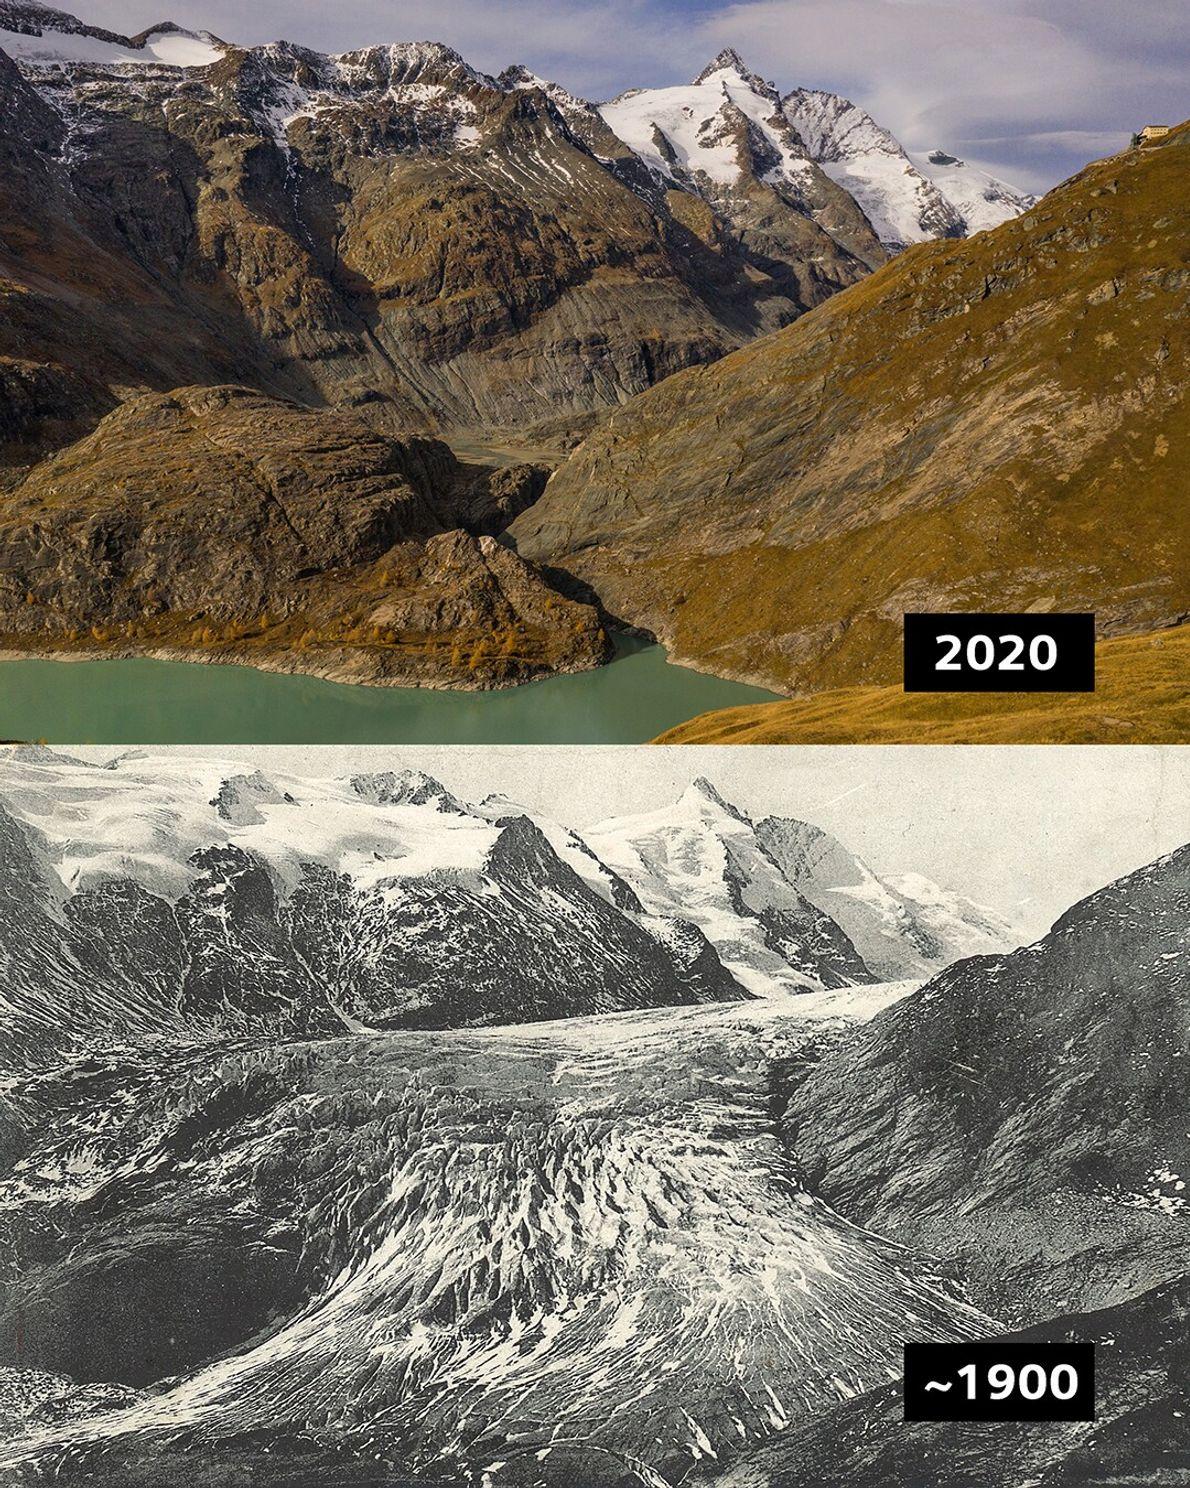 Pasterze, Österreich: Die Pasterze ist mit etwas mehr als 8 km Länge der größte Gletscher Österreichs ...